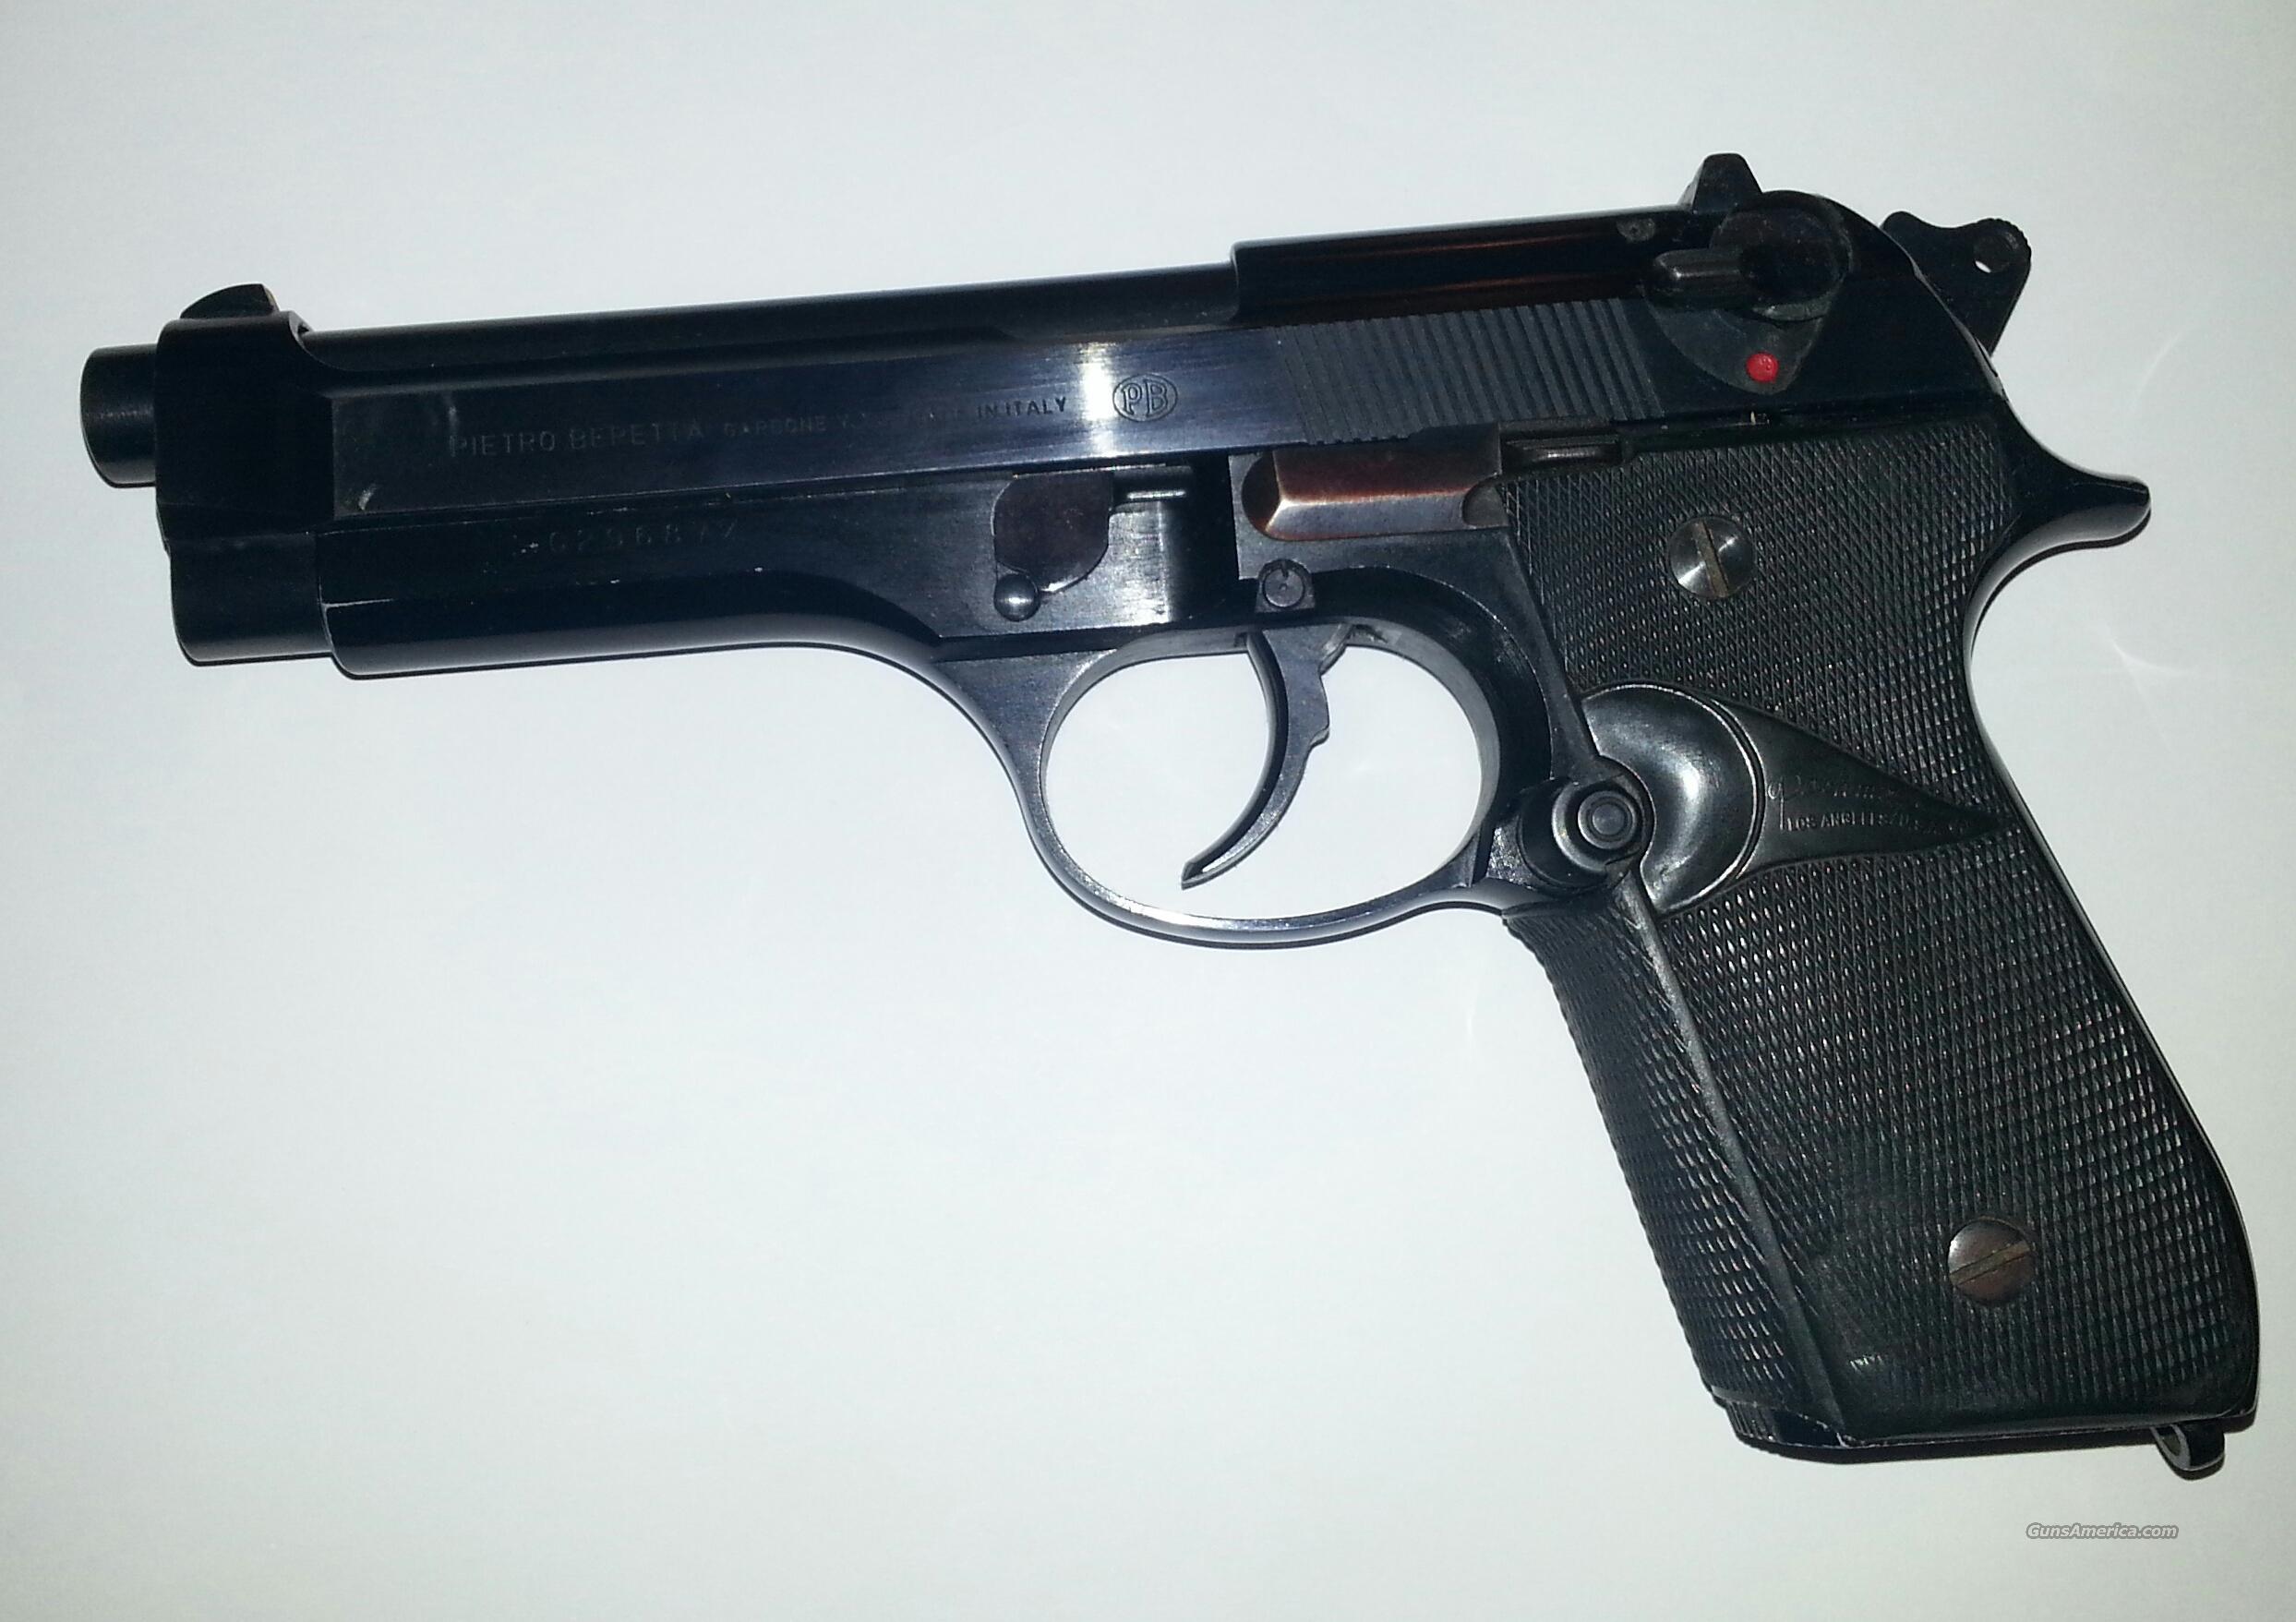 Pietro Beretta 92SB 9mm Parabellum USED for sale